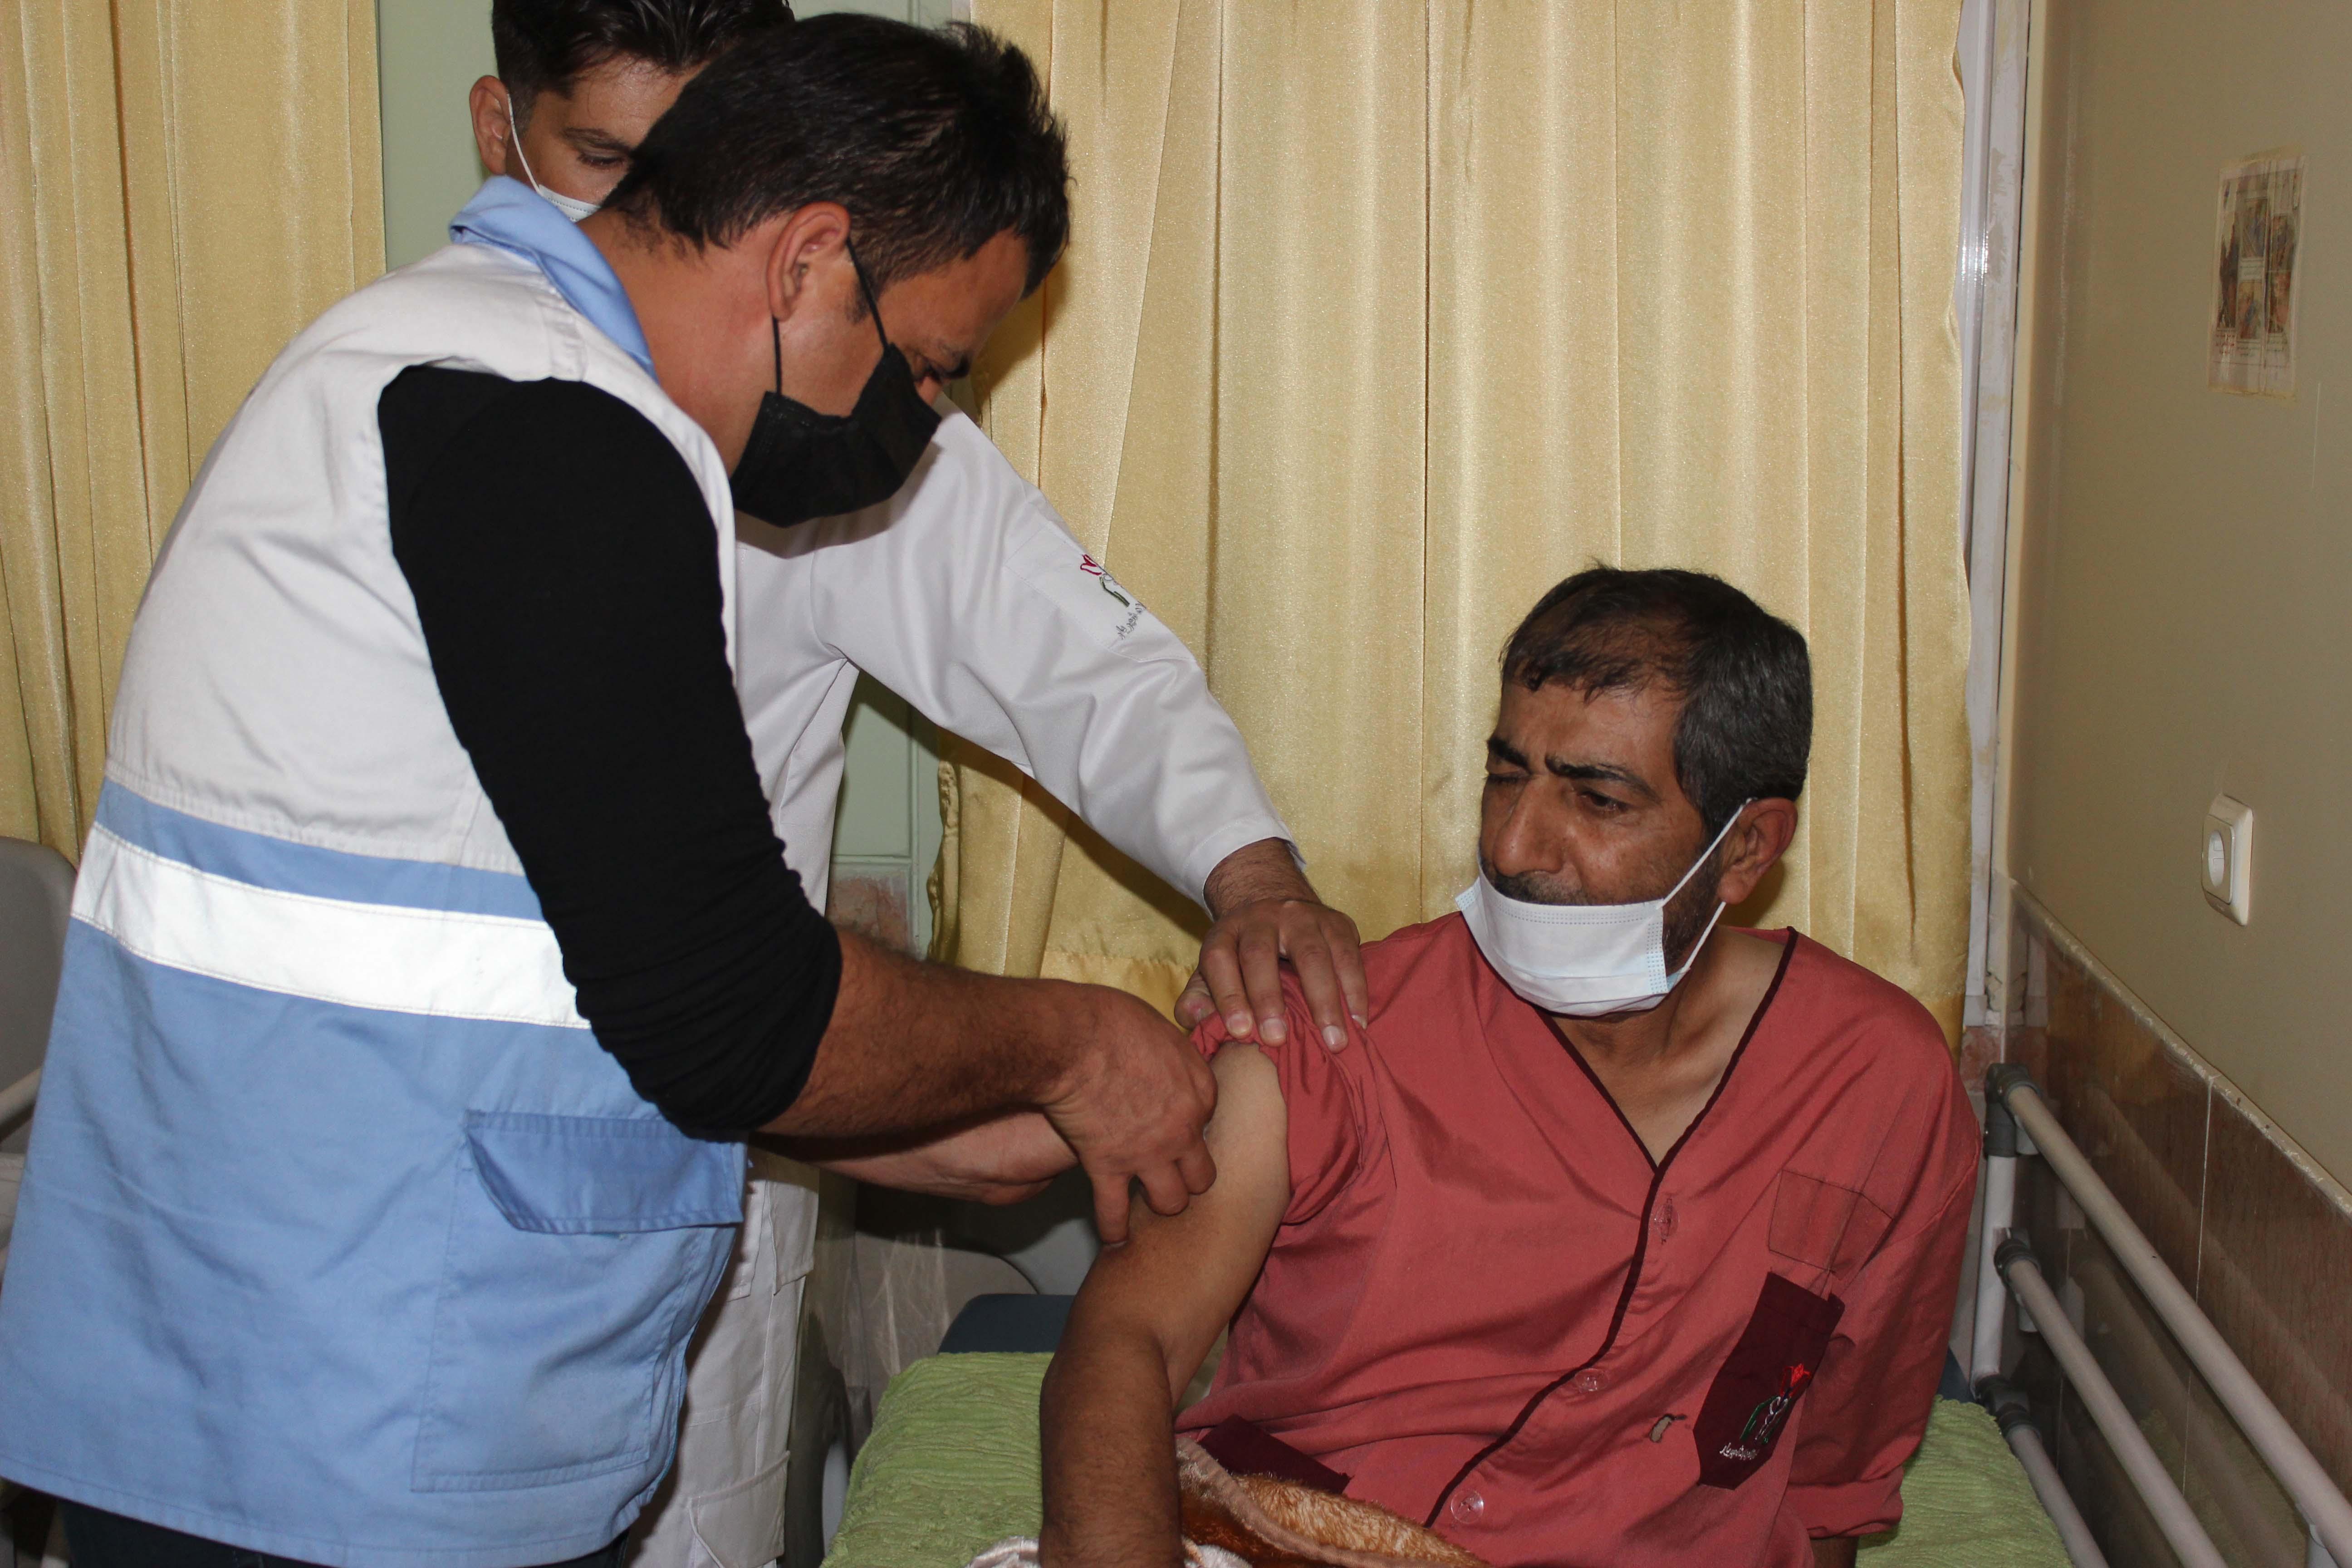 واکسیناسیون جانبازان اعصاب و روان بیمارستان میلاد شهریار انجام شد